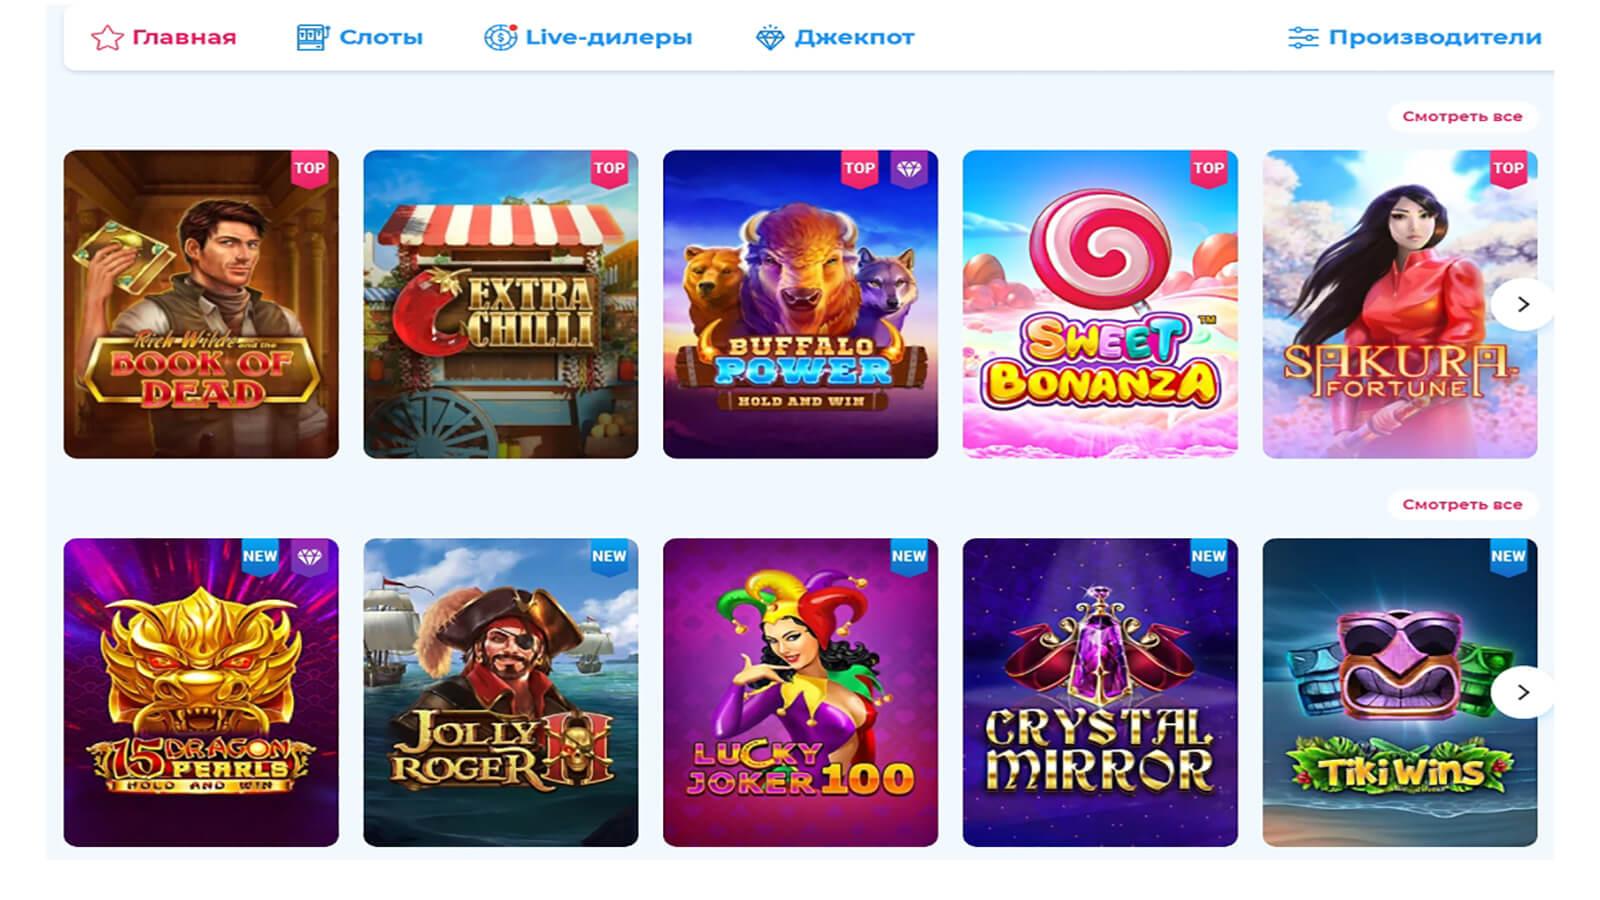 выиграть деньги онлайн на играх бесплатно